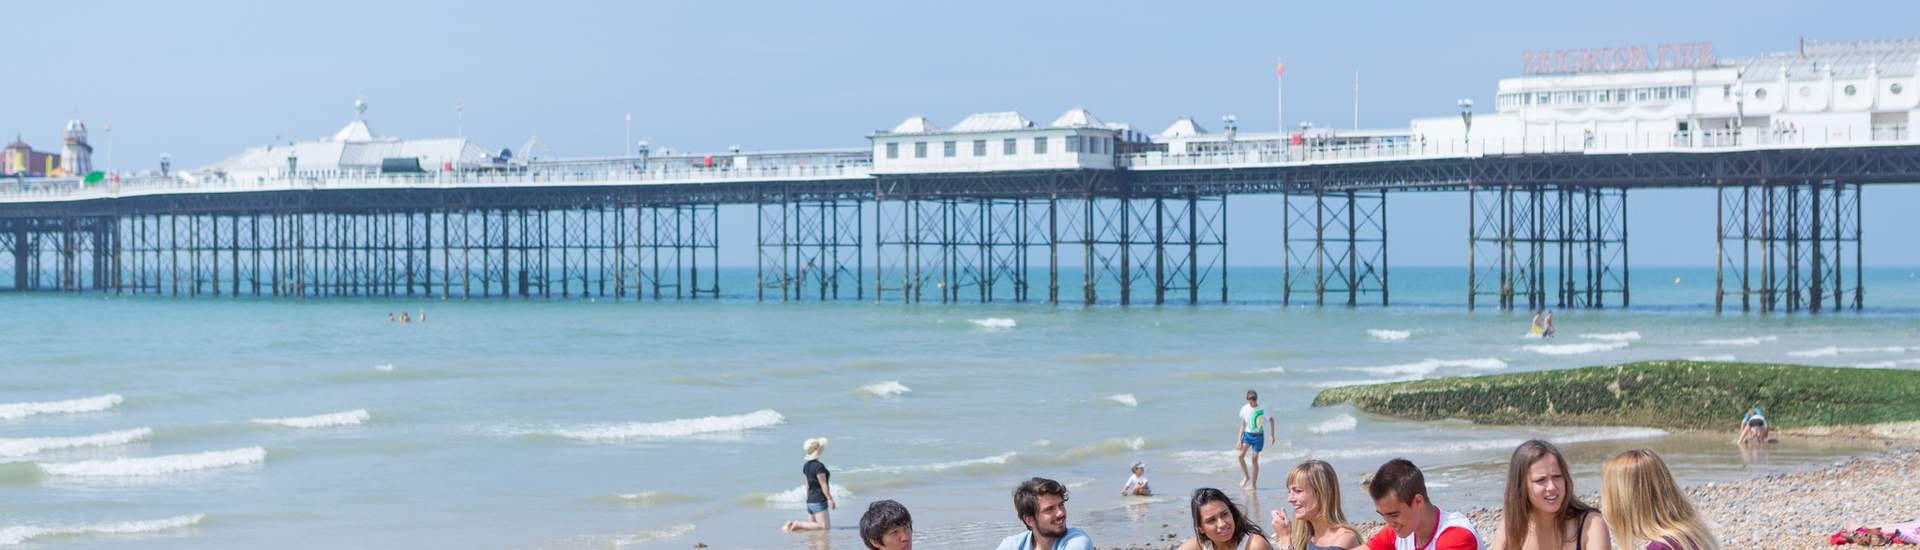 Programa de inglés para jóvenes Brighton, Inglaterra